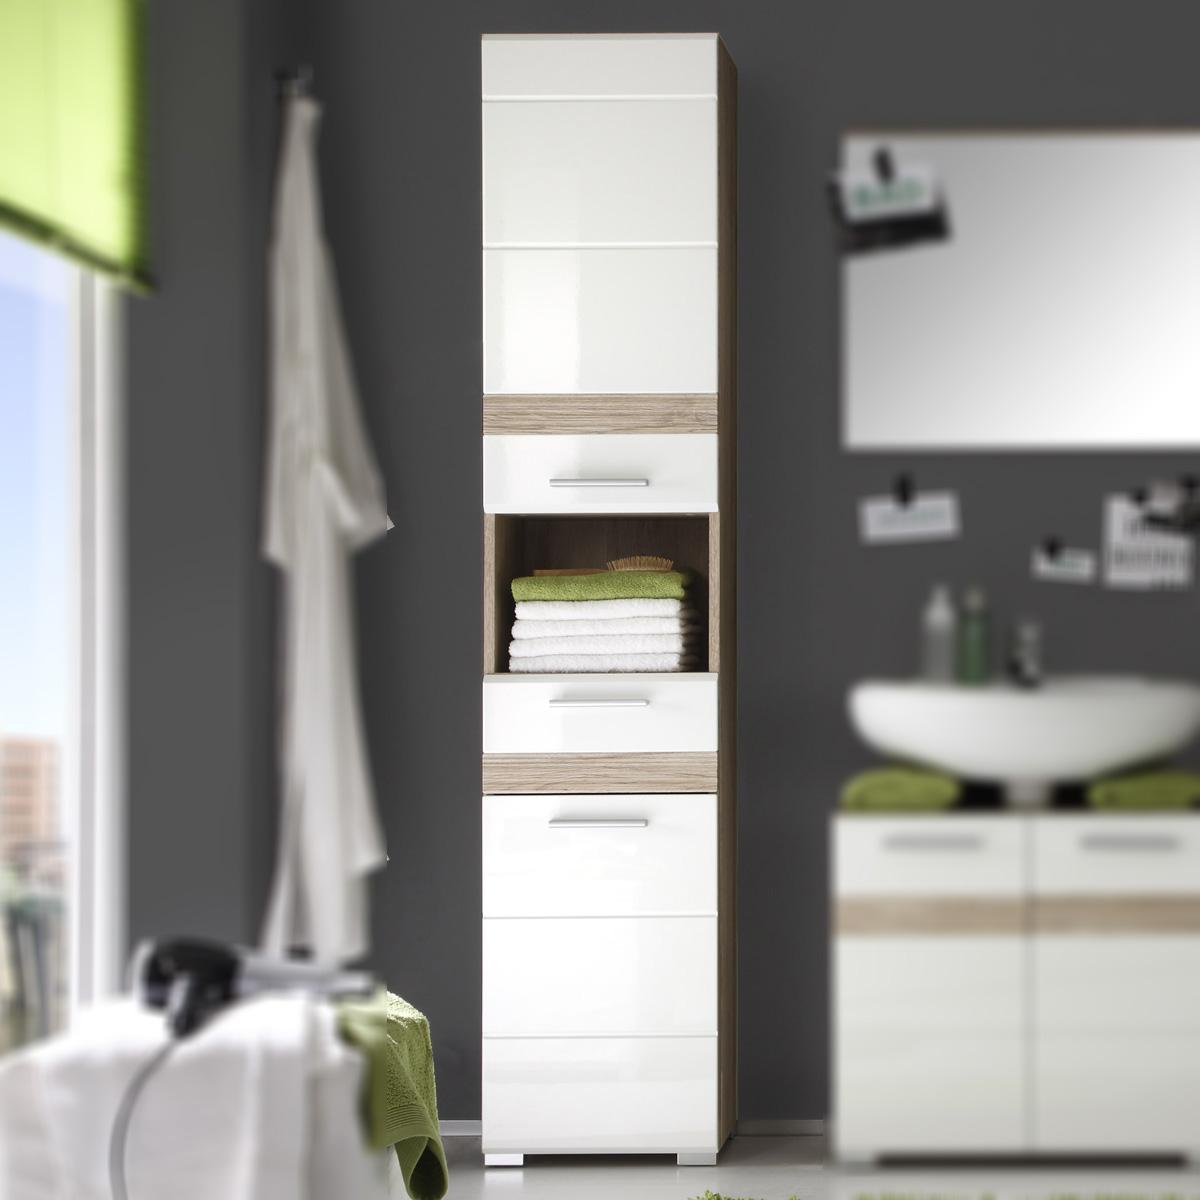 bad hochschrank setone in eiche san remo und wei hochglanz badschrank badm bel ebay. Black Bedroom Furniture Sets. Home Design Ideas